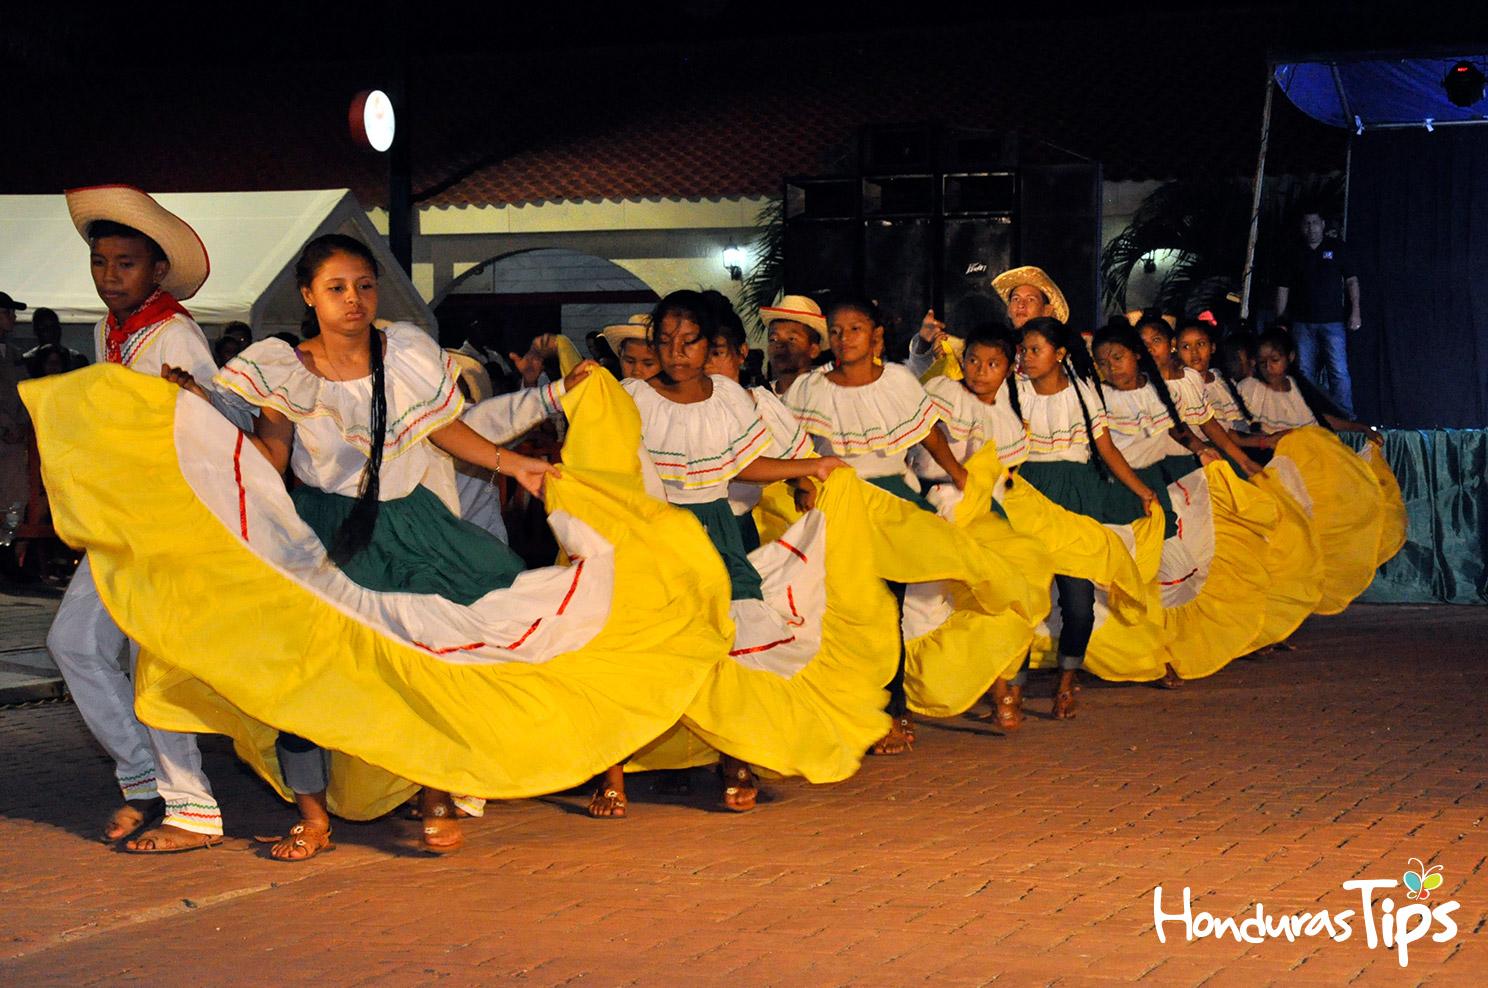 Durante las presentaciones, el público pudo apreciar la danza con la canción misquita Awala nani, yulu nani dawanka